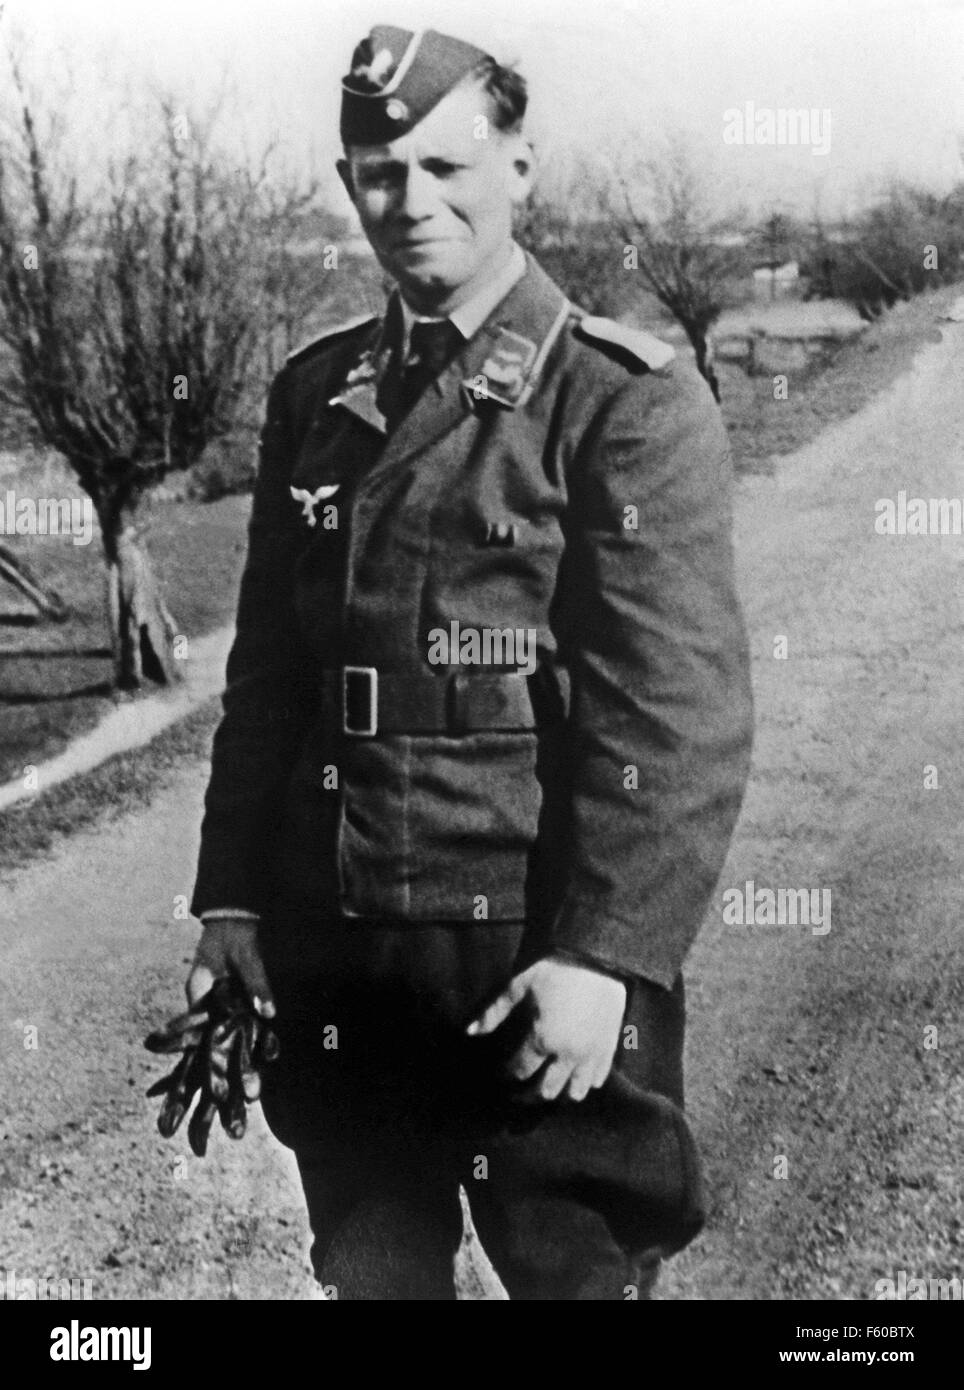 Helmut Schmidt comme lieutenant de l'armée de l'air au printemps 1940. Banque D'Images